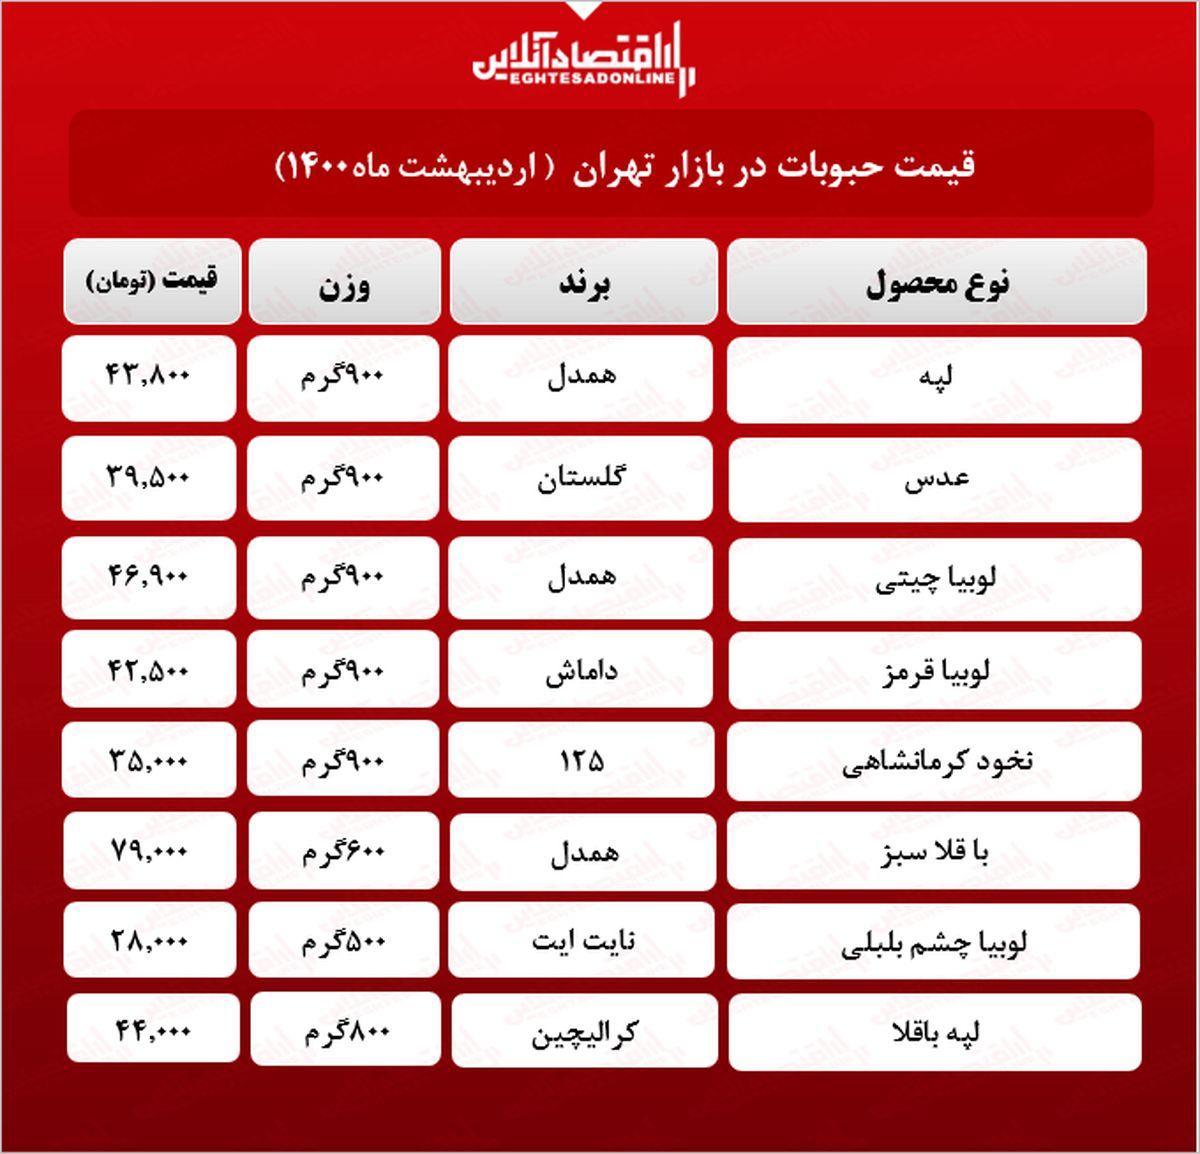 قیمت انواع حبوبات در بازار (۱۴۰۰/۰۲/۱۲) + جدول